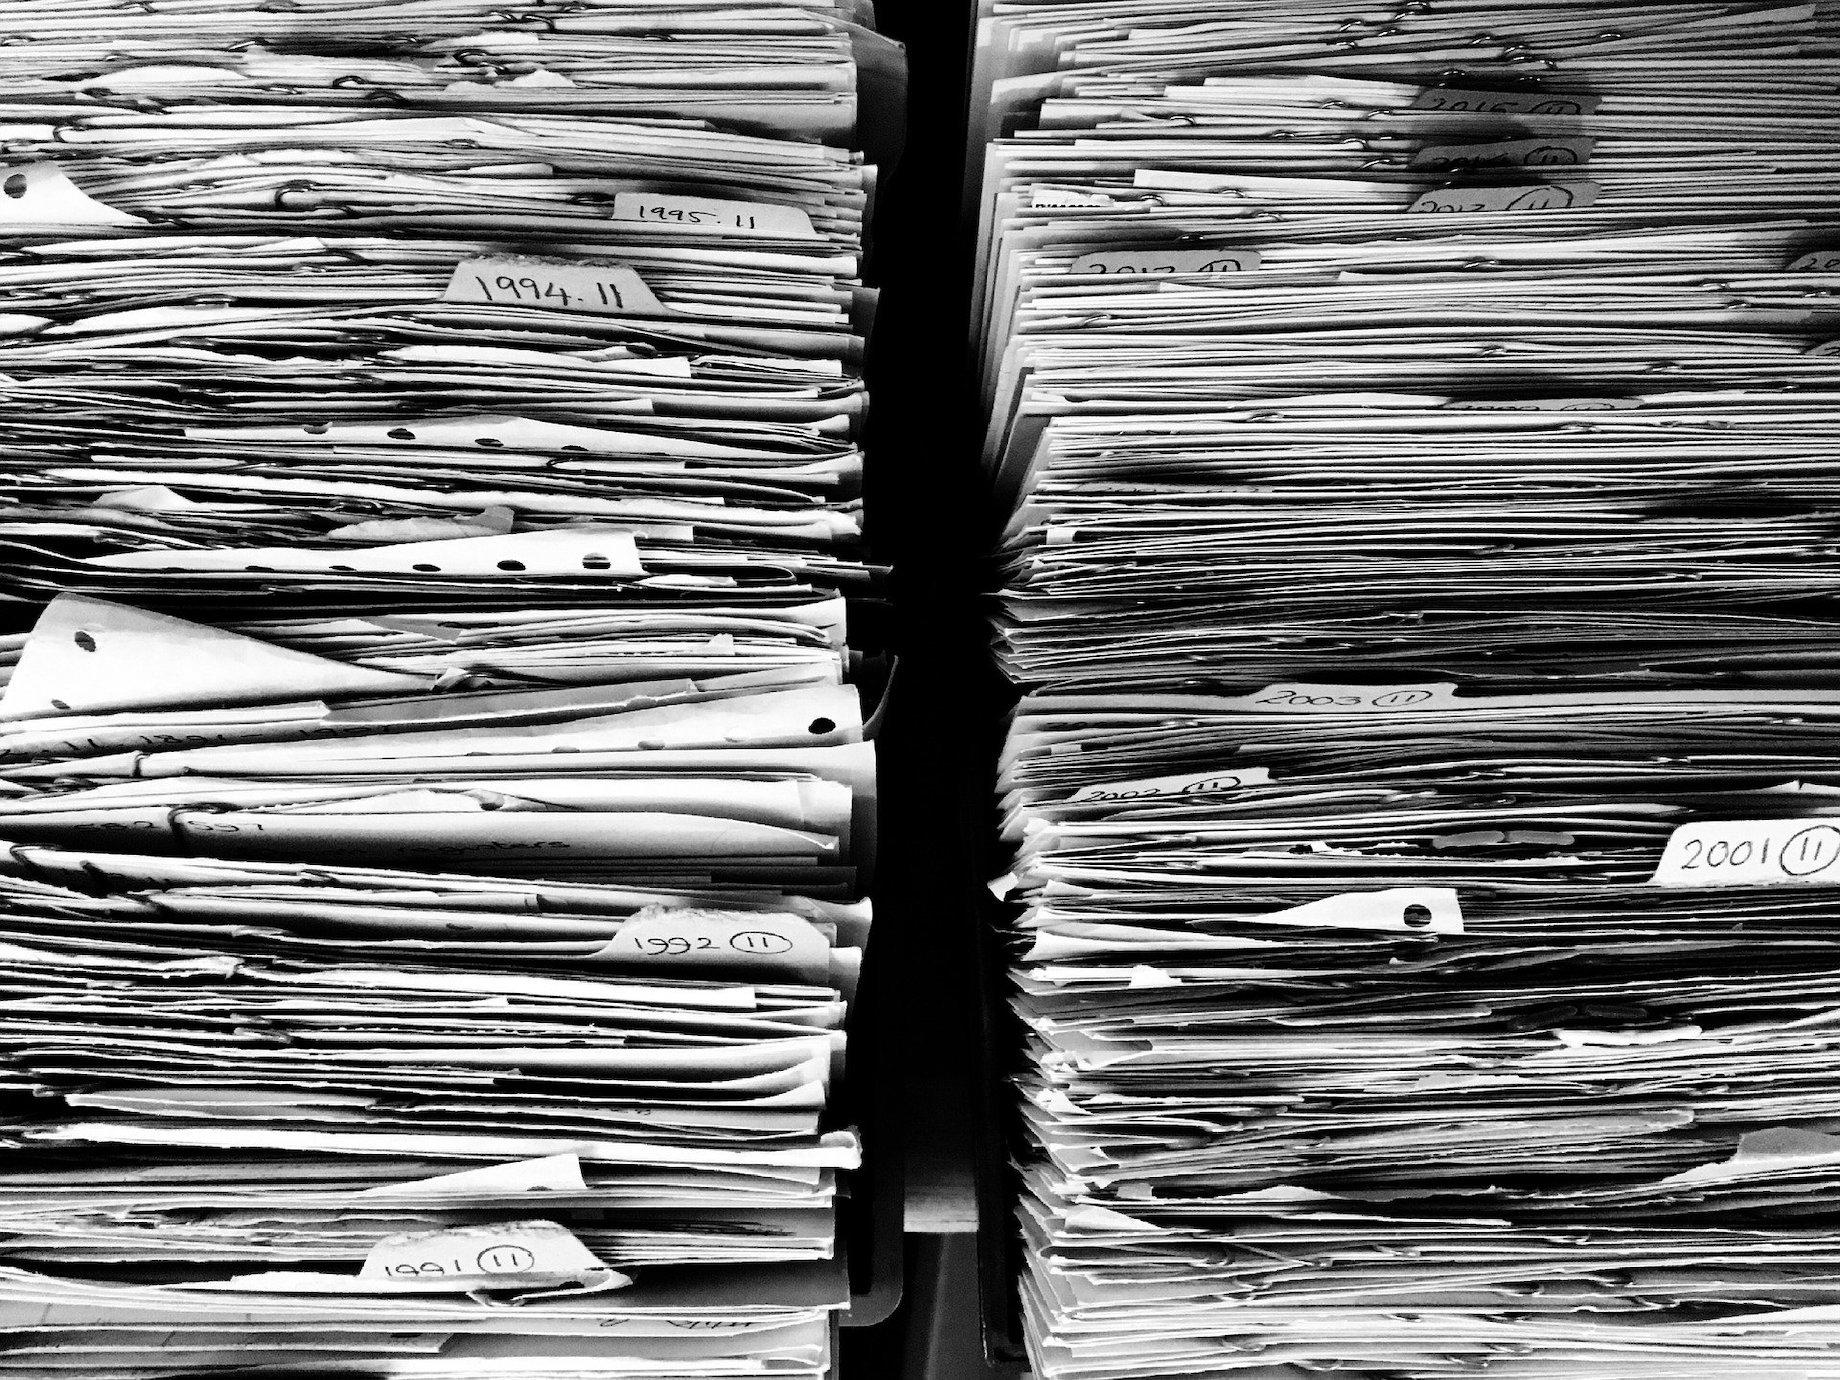 兩天後提案,時間太短怎麼蒐集情資?3種方法避免浪費生命在無效資料上